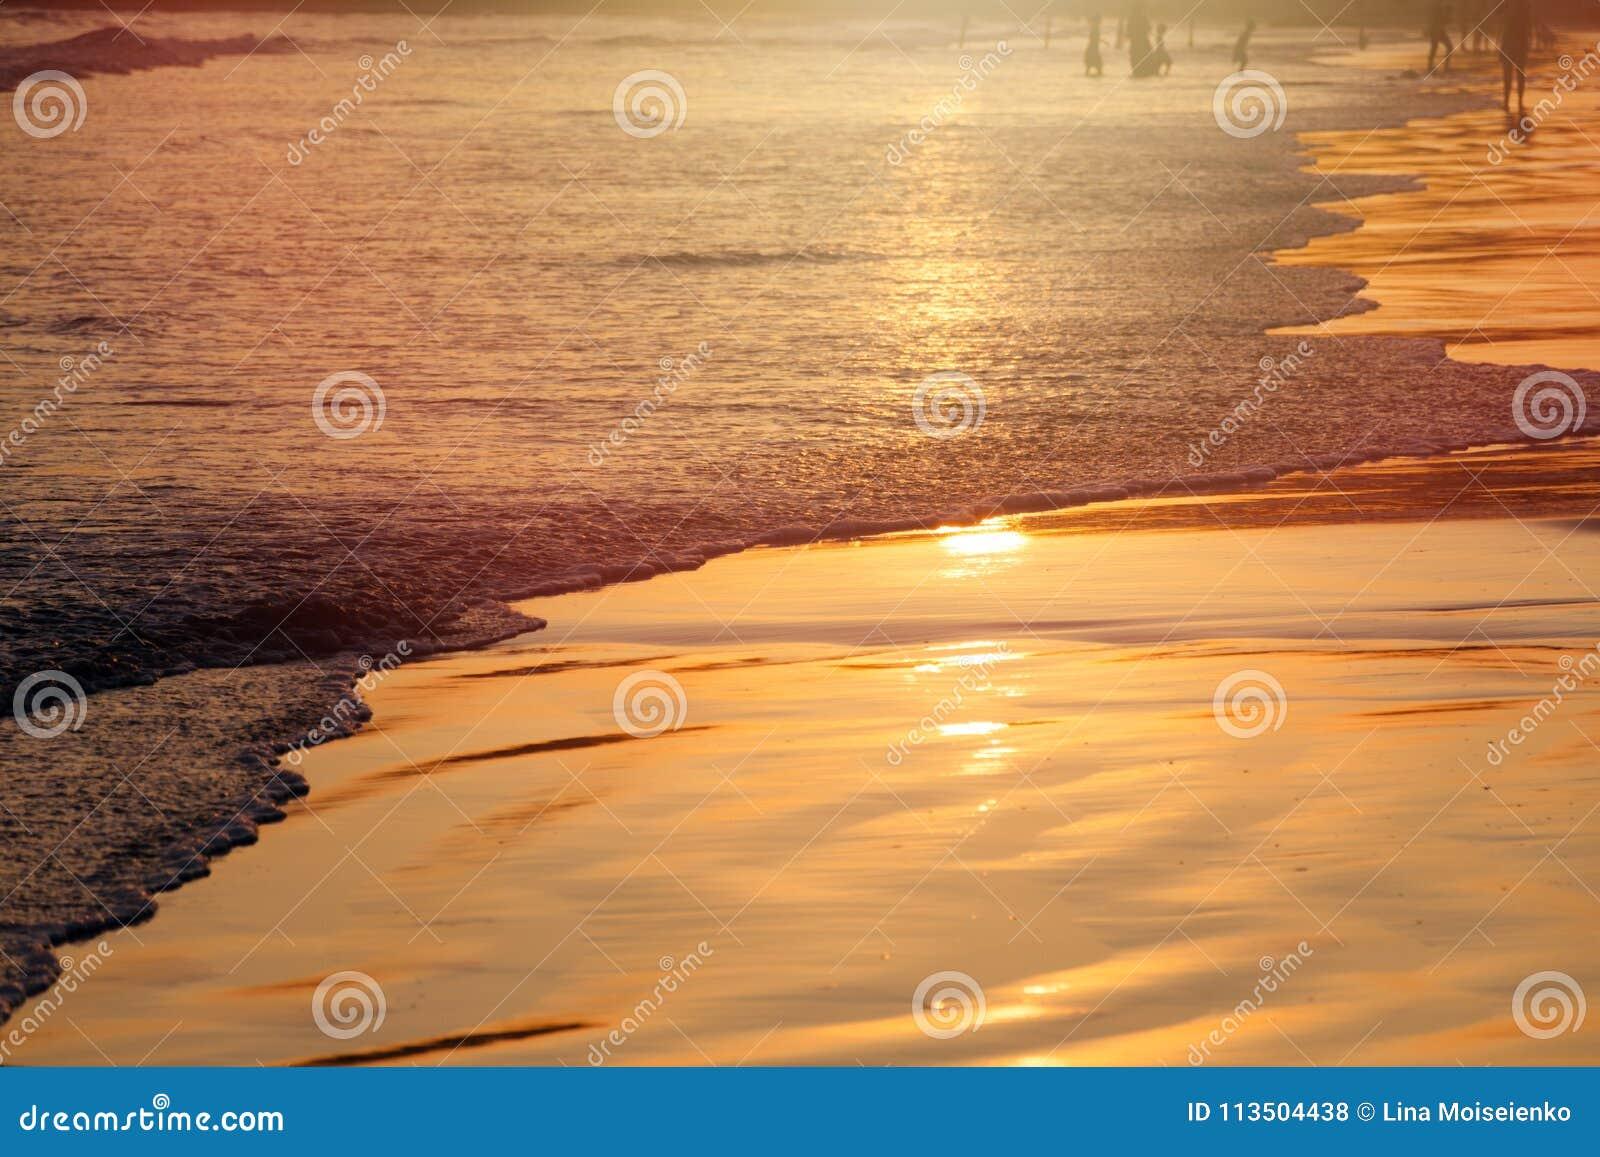 Sonnenuntergang auf tropischem Strand in Sri Lanka - goldene Farbe bewegt Meerwasser, Schattenbild von Leuten auf Hintergrund wel